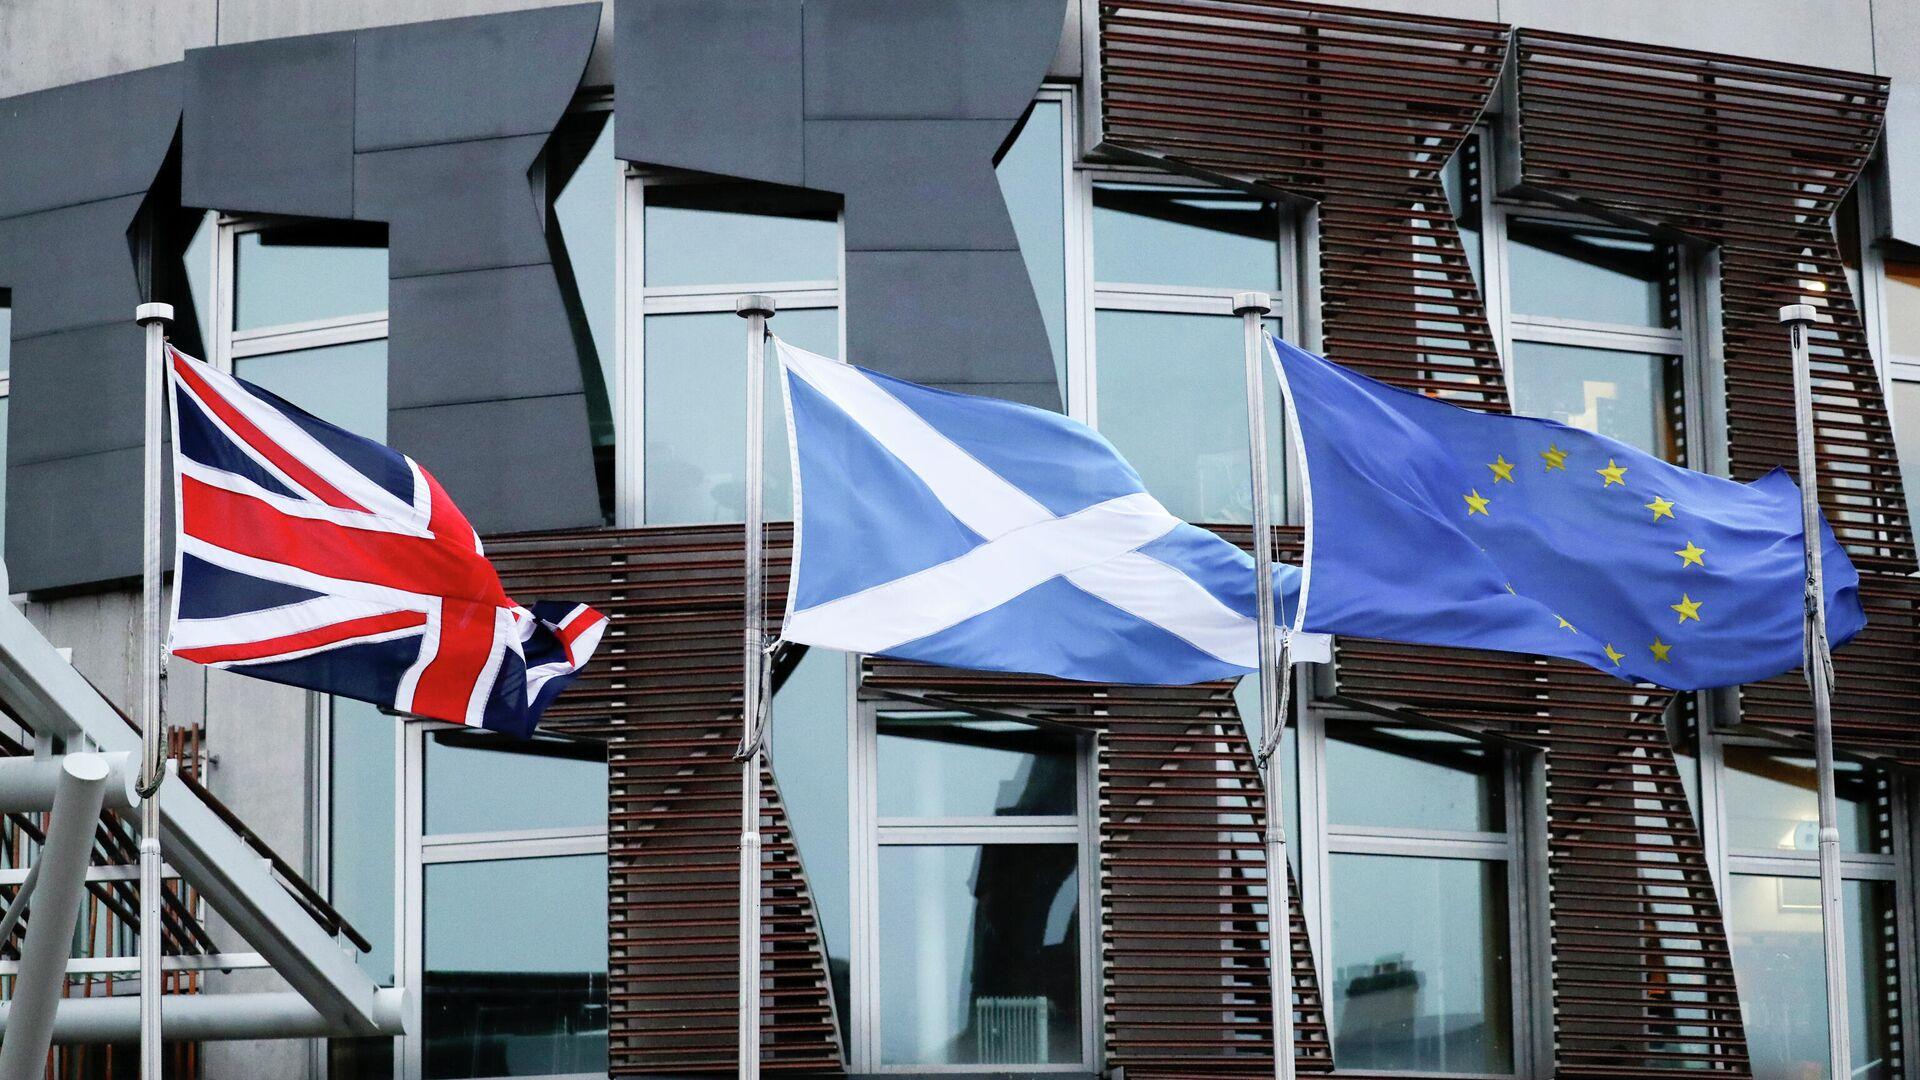 Флаги Великобритании, Шотландии и Евросоюза у здания парламента в Эдинбурге - РИА Новости, 1920, 12.04.2021